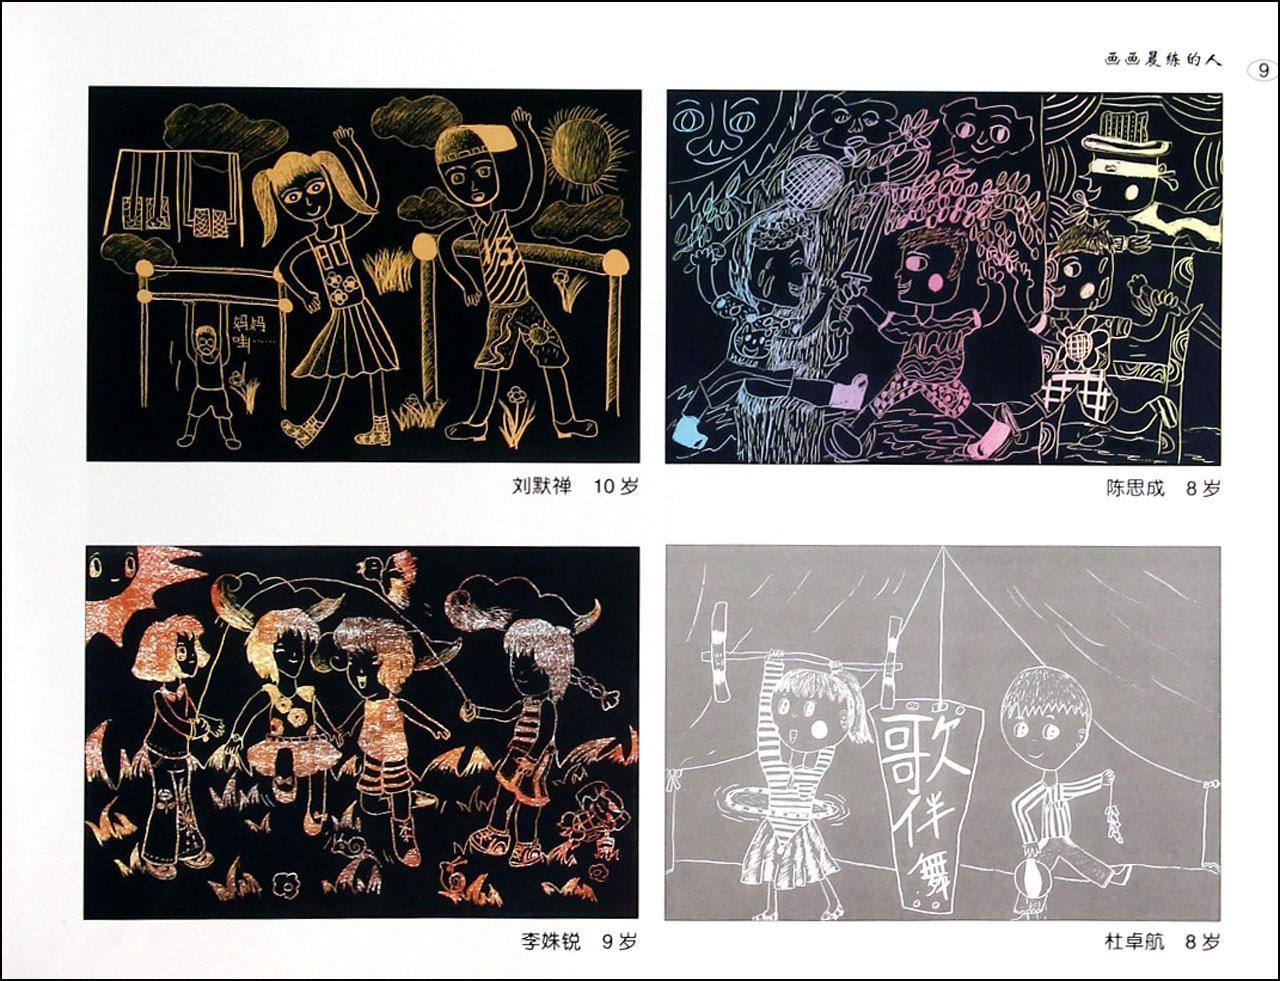 《儿童创意油画棒》;《儿童创意水粉画》;《儿童